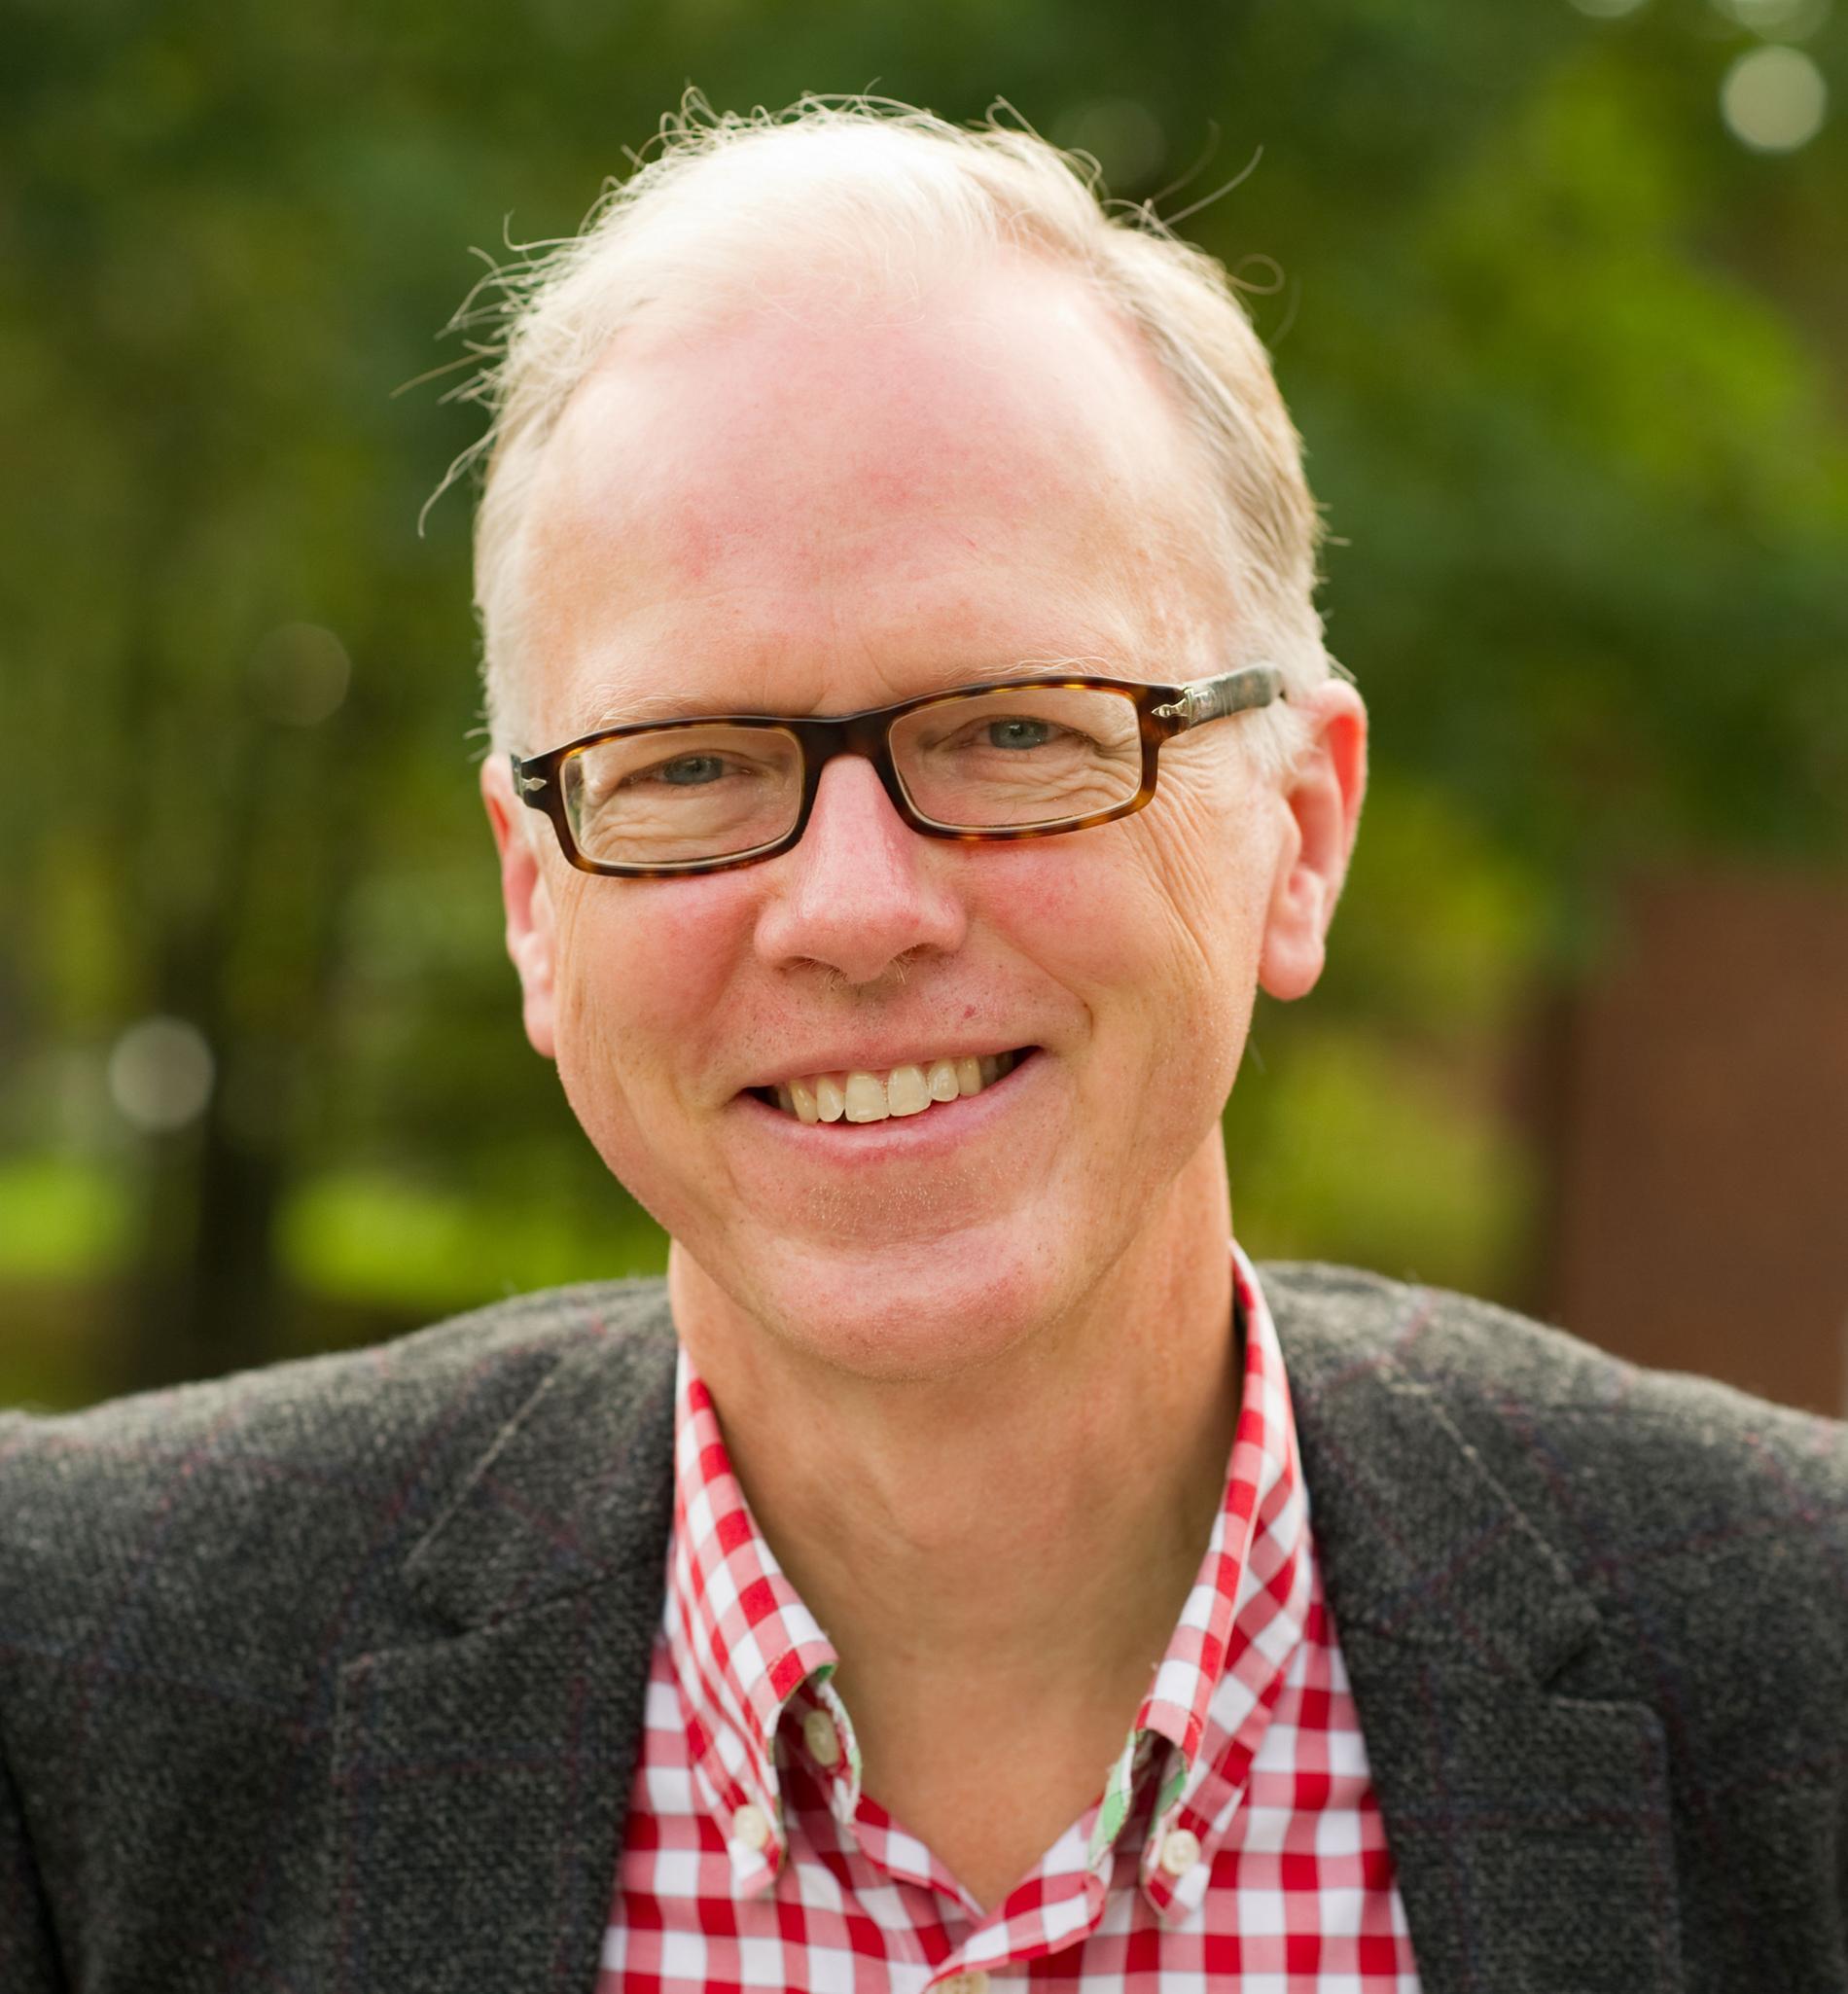 Sven Andréasson, alkoholläkare och professor i socialmedicin vid Karolinska institutet.